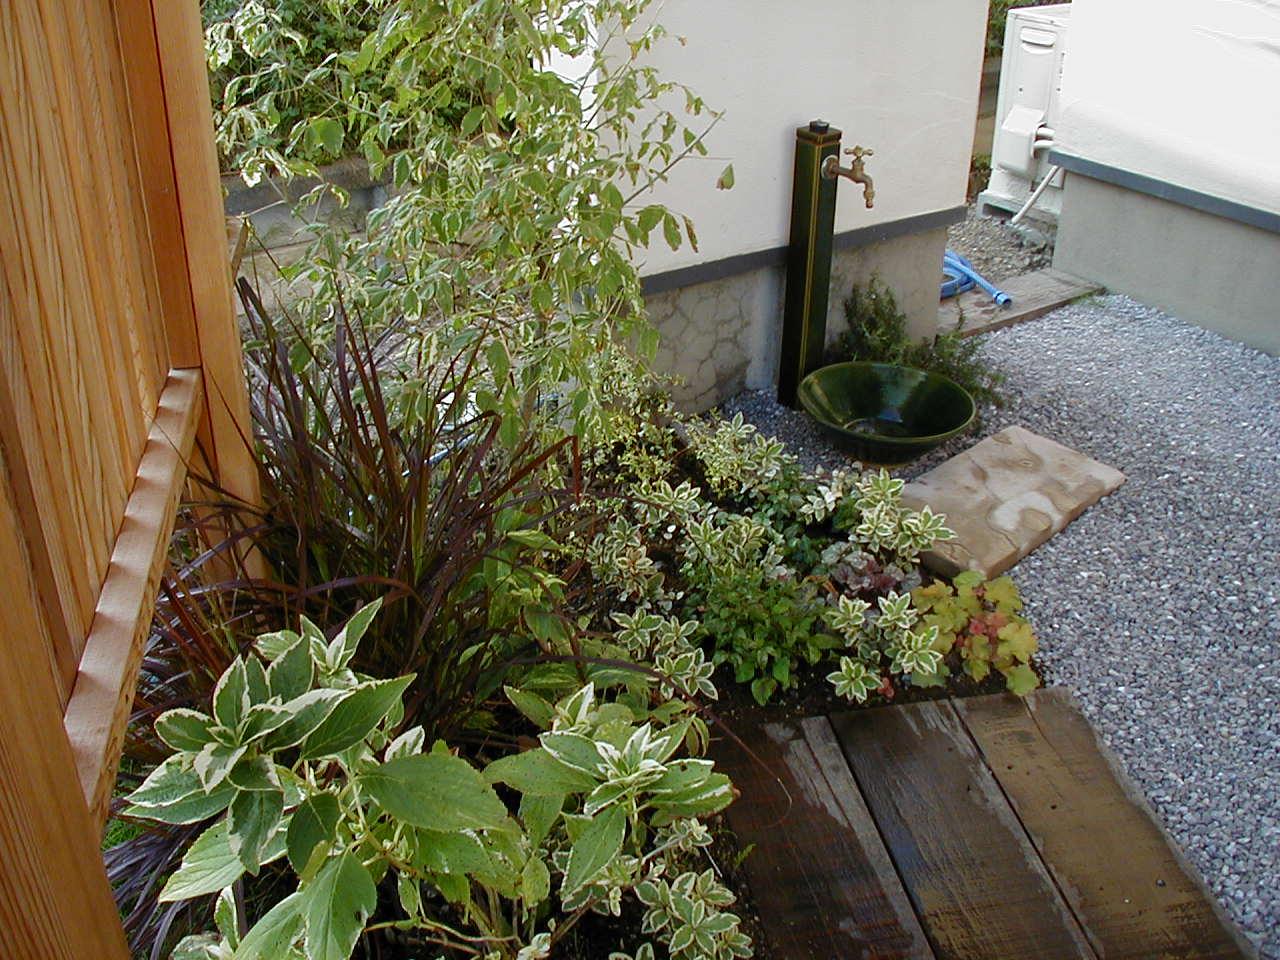 ウリン枕木と和風坪庭|埼玉県鴻巣市 O様邸のエクステリア、植栽工事